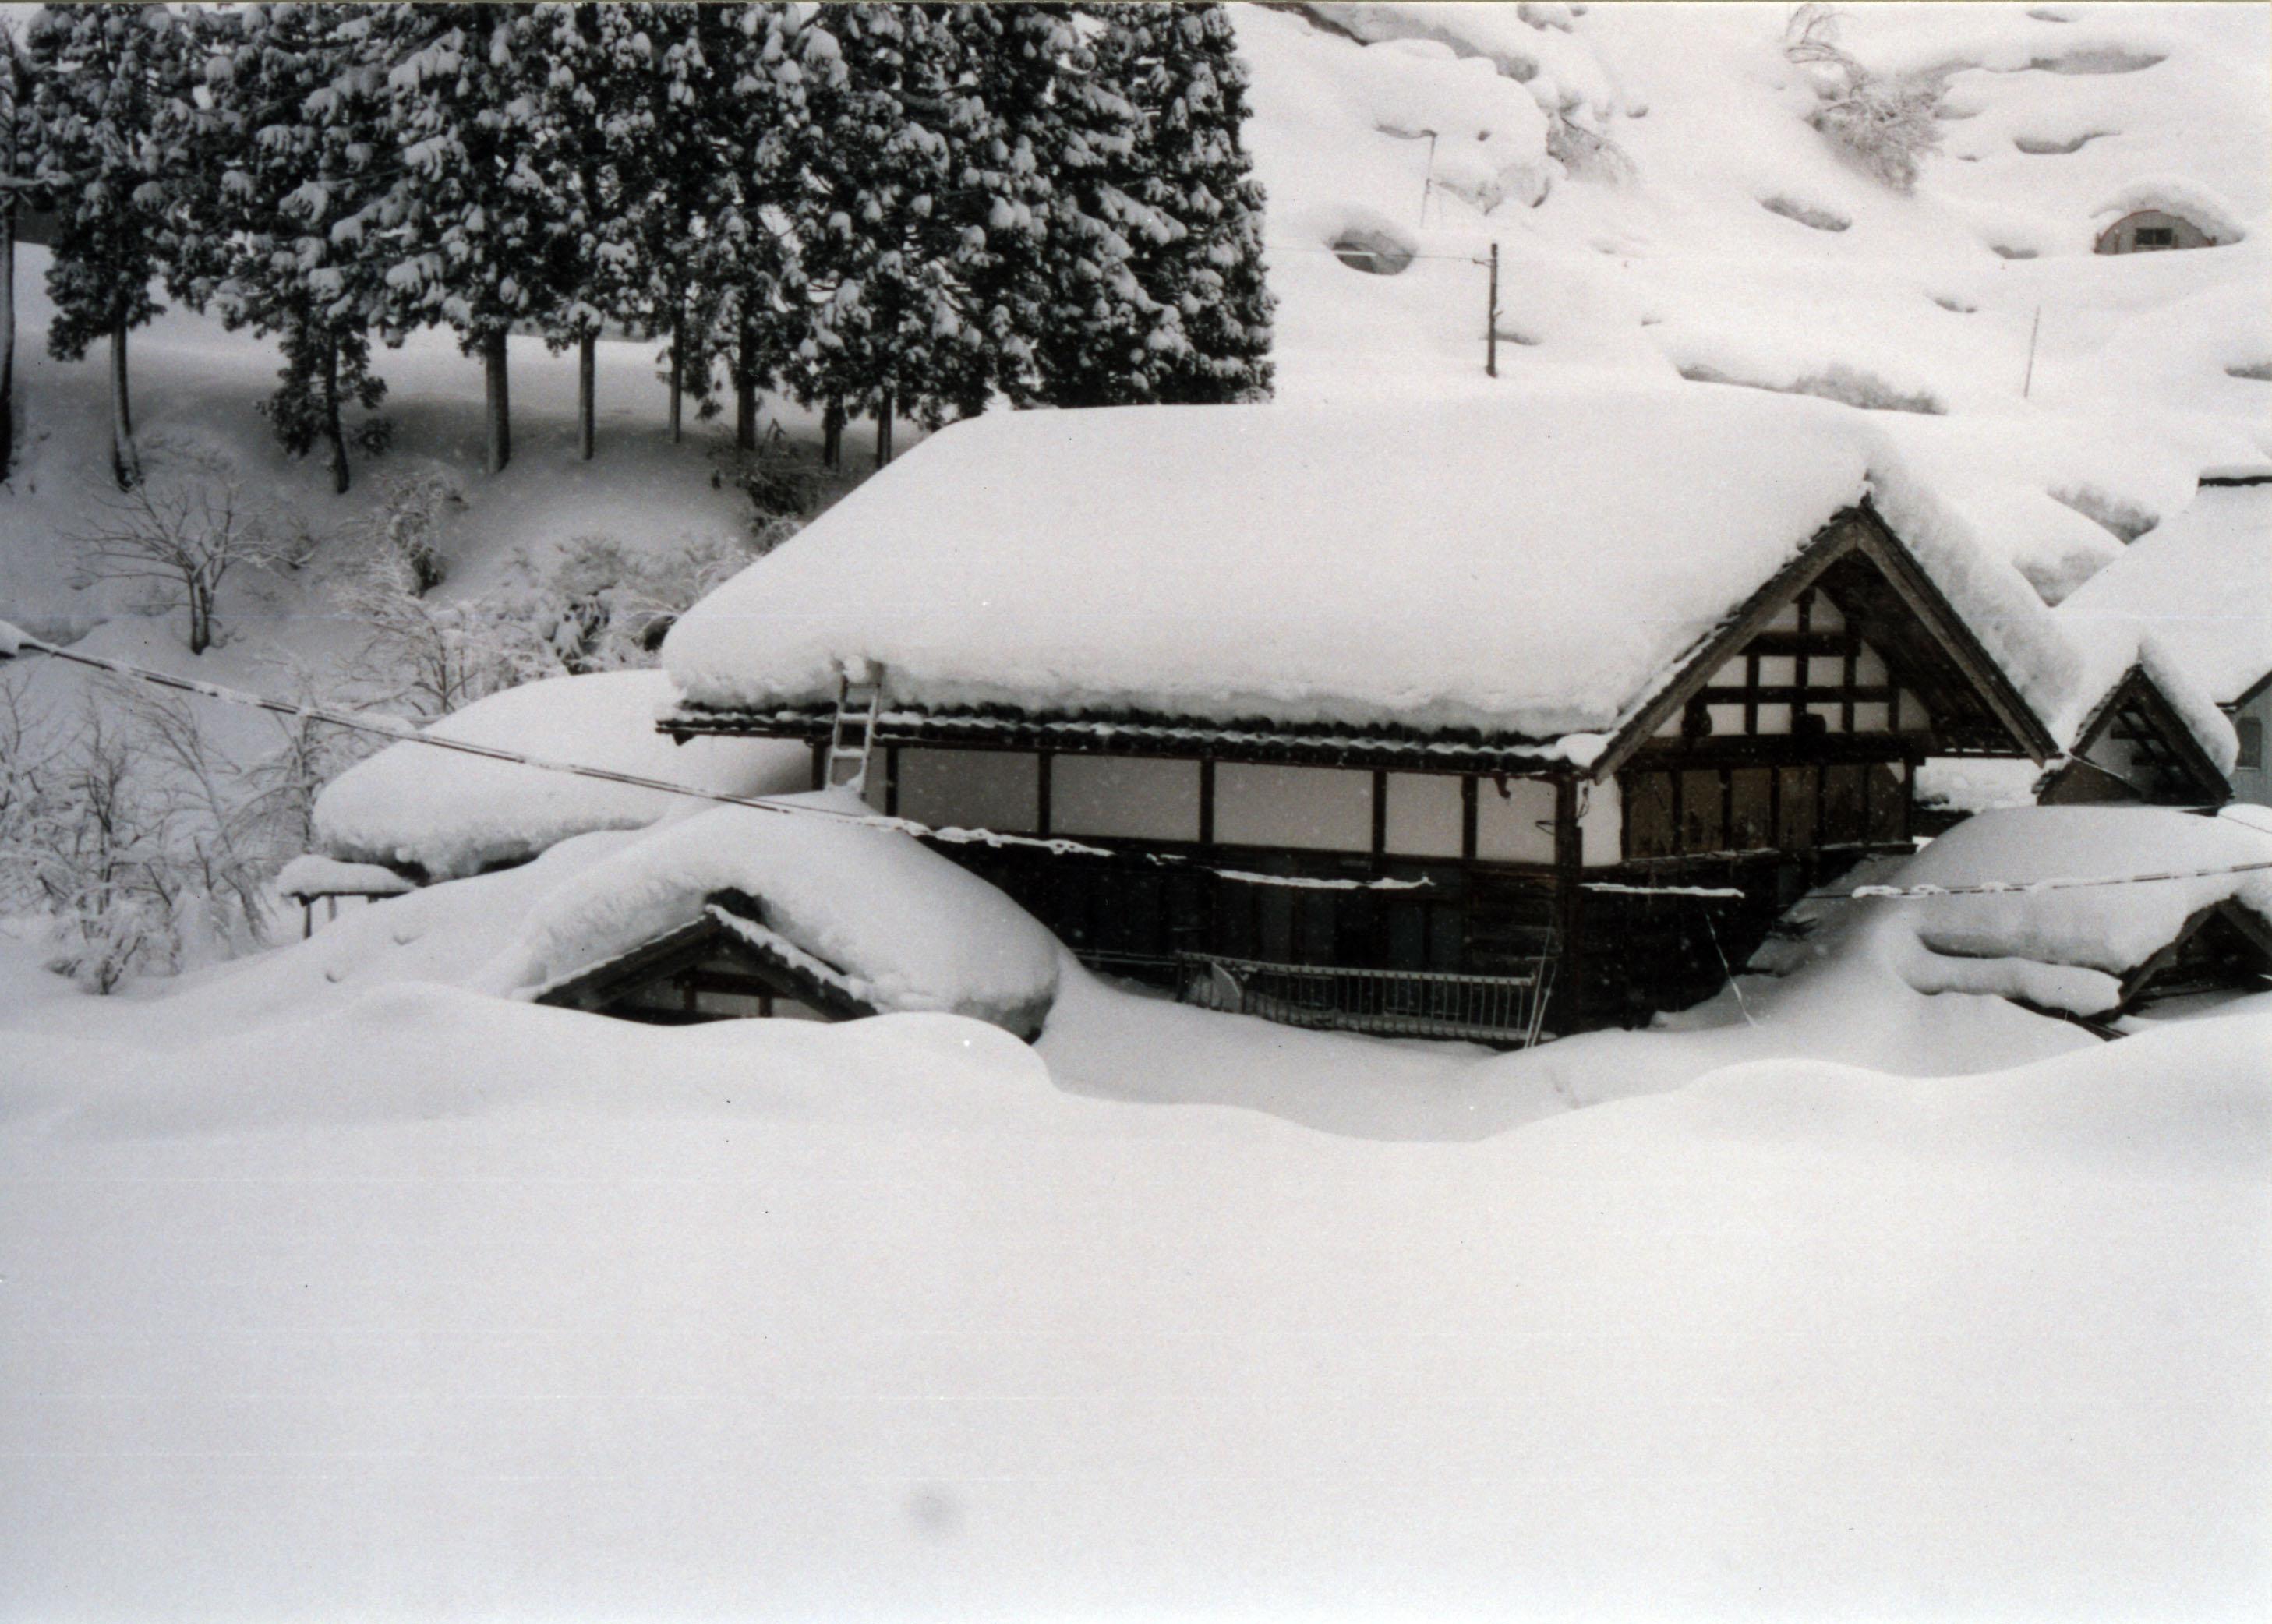 積雪は多いときは5mの高さにまで積もる。屋根の雪下ろしも地域の人々と協力しあって行う。